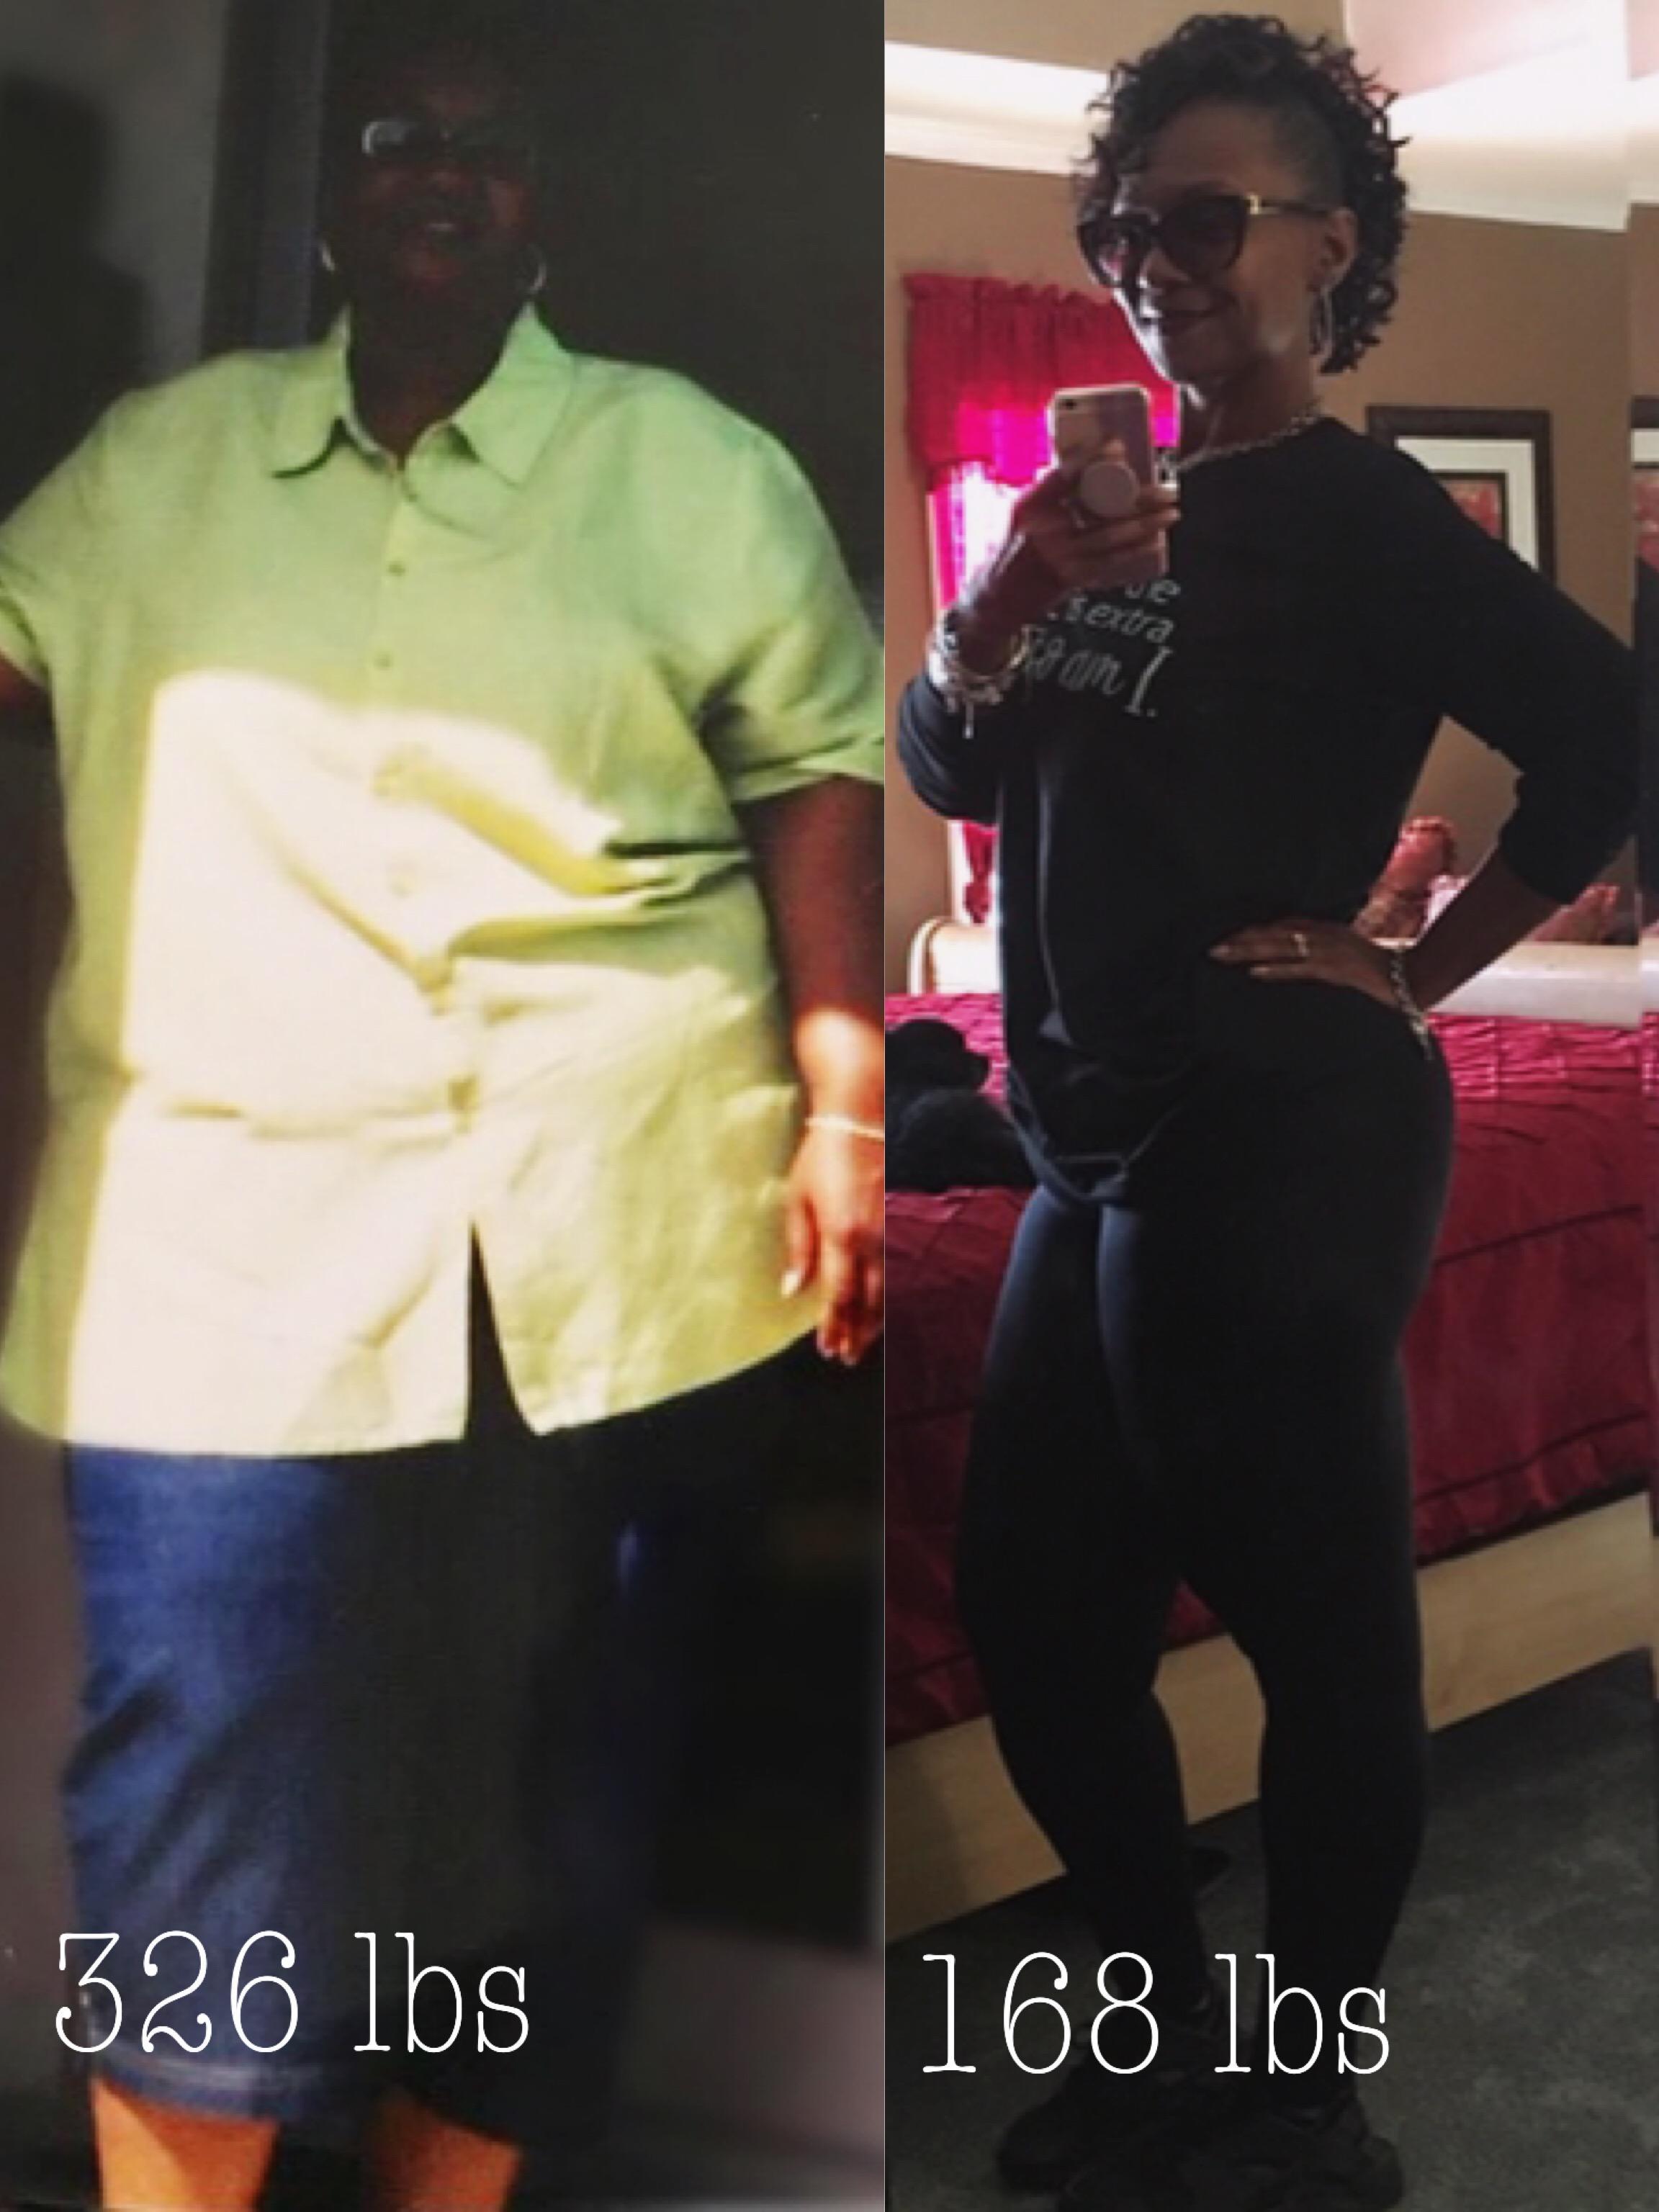 Progress Pics of 158 lbs Fat Loss 5'6 Female 326 lbs to 168 lbs